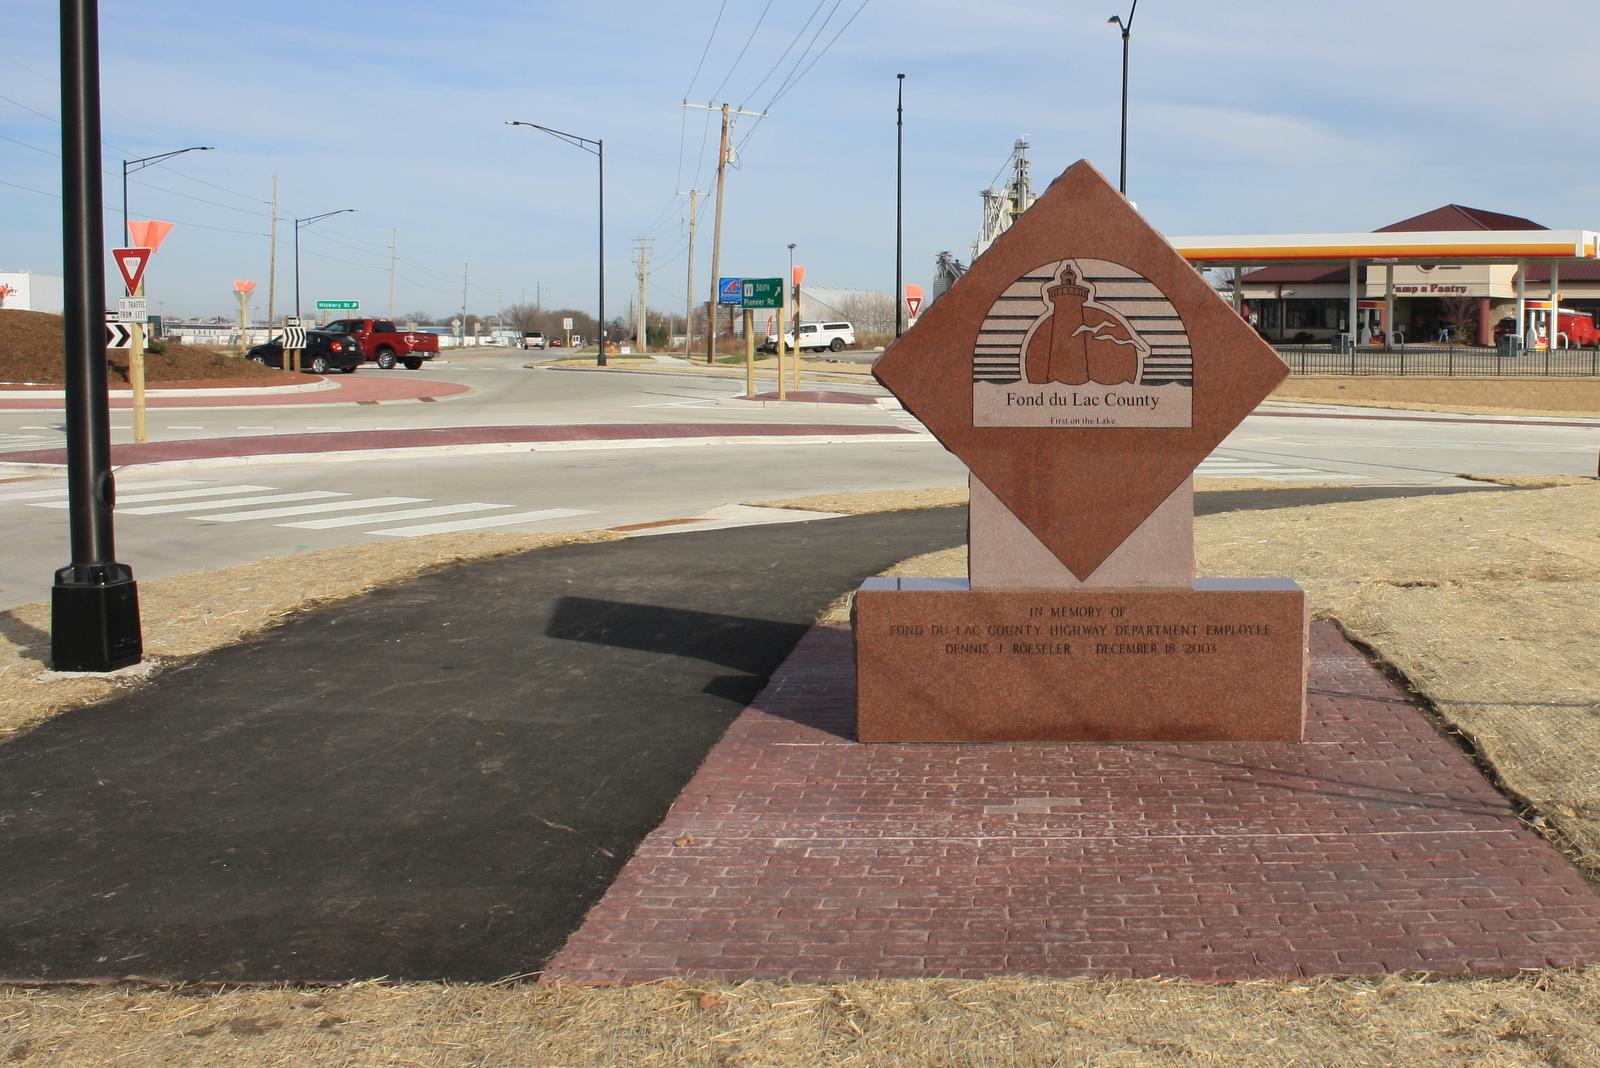 CTH VV (West Pioneer Road)